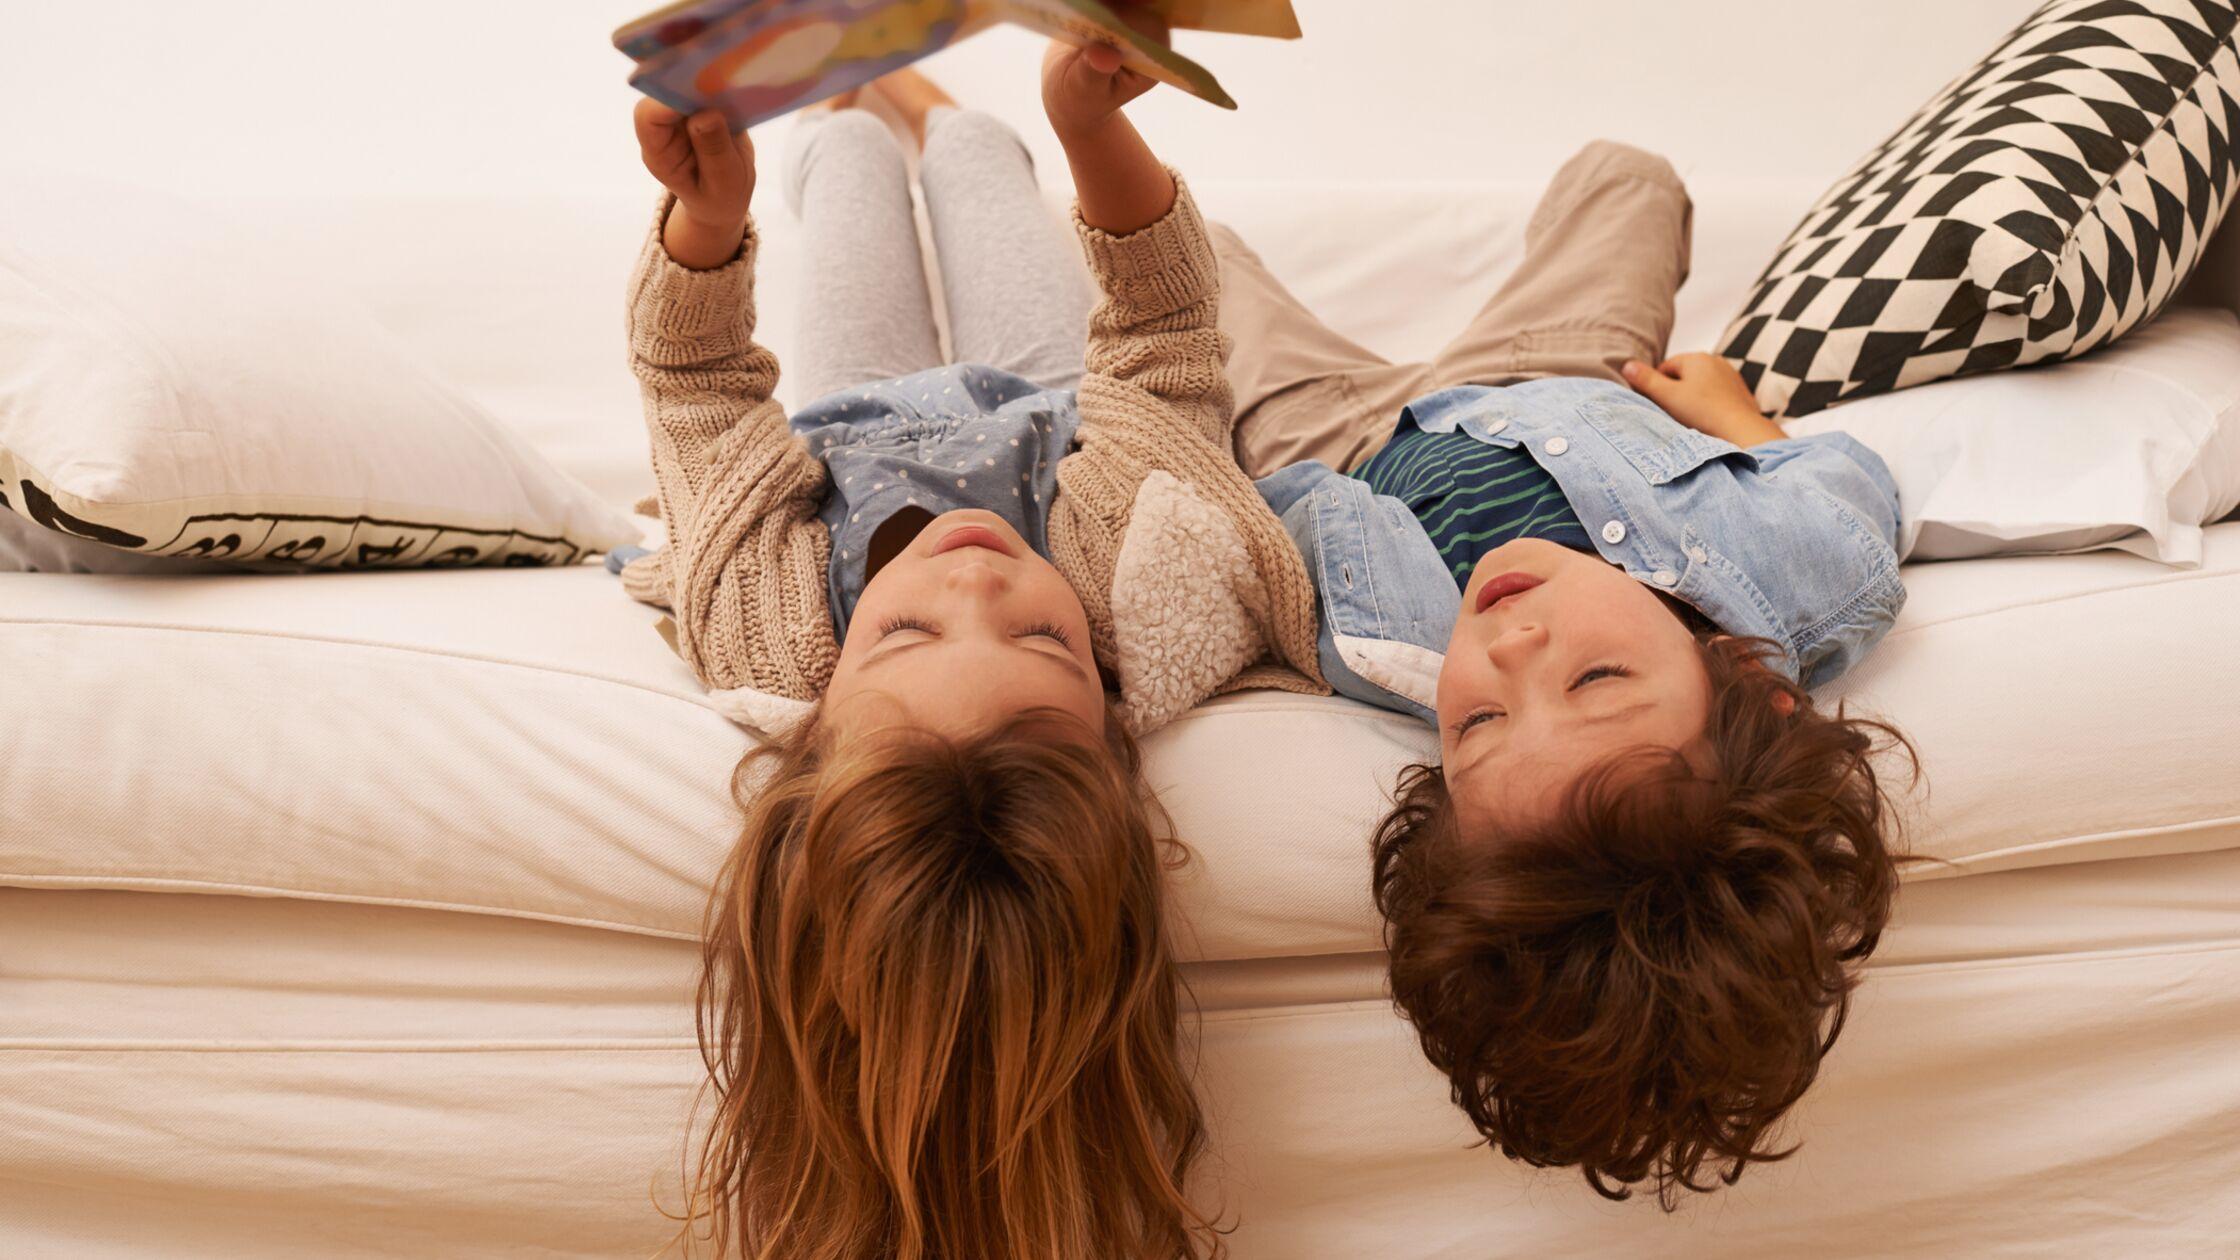 Zwei Kinder liegen auf einem Bett und lesen ein Buch